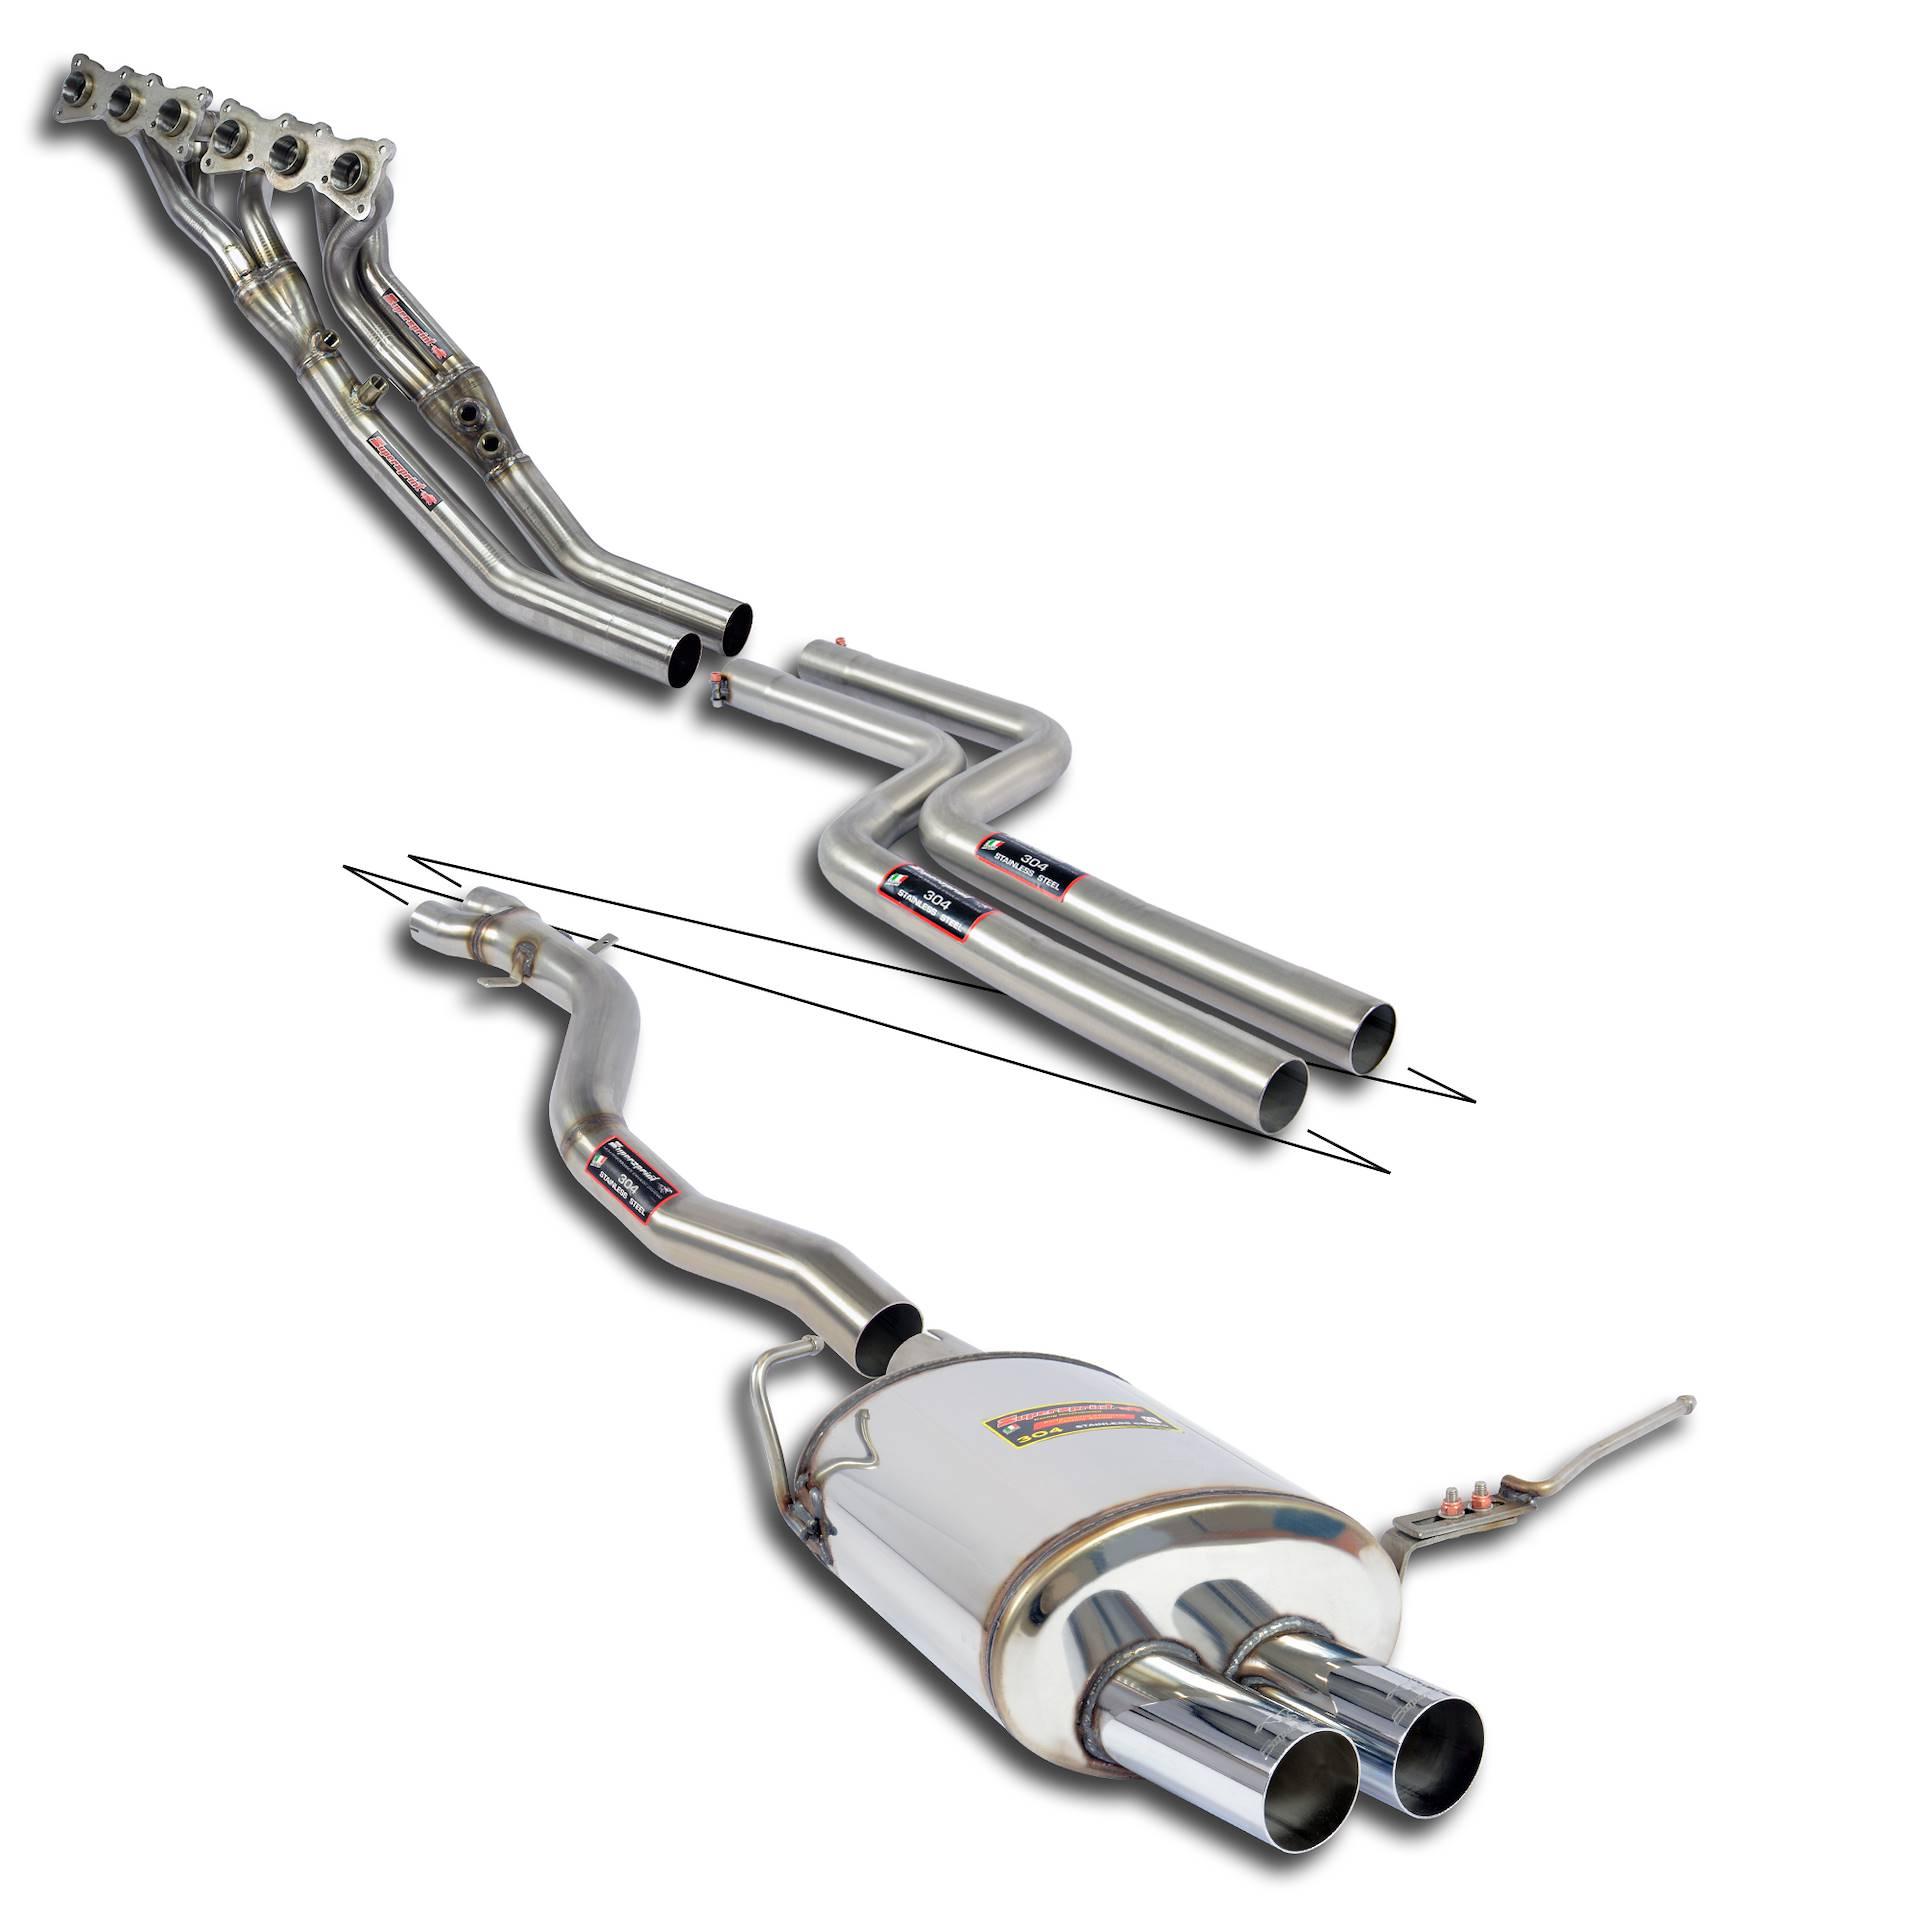 Supersprint udstødning til BMW Z4 Roadster